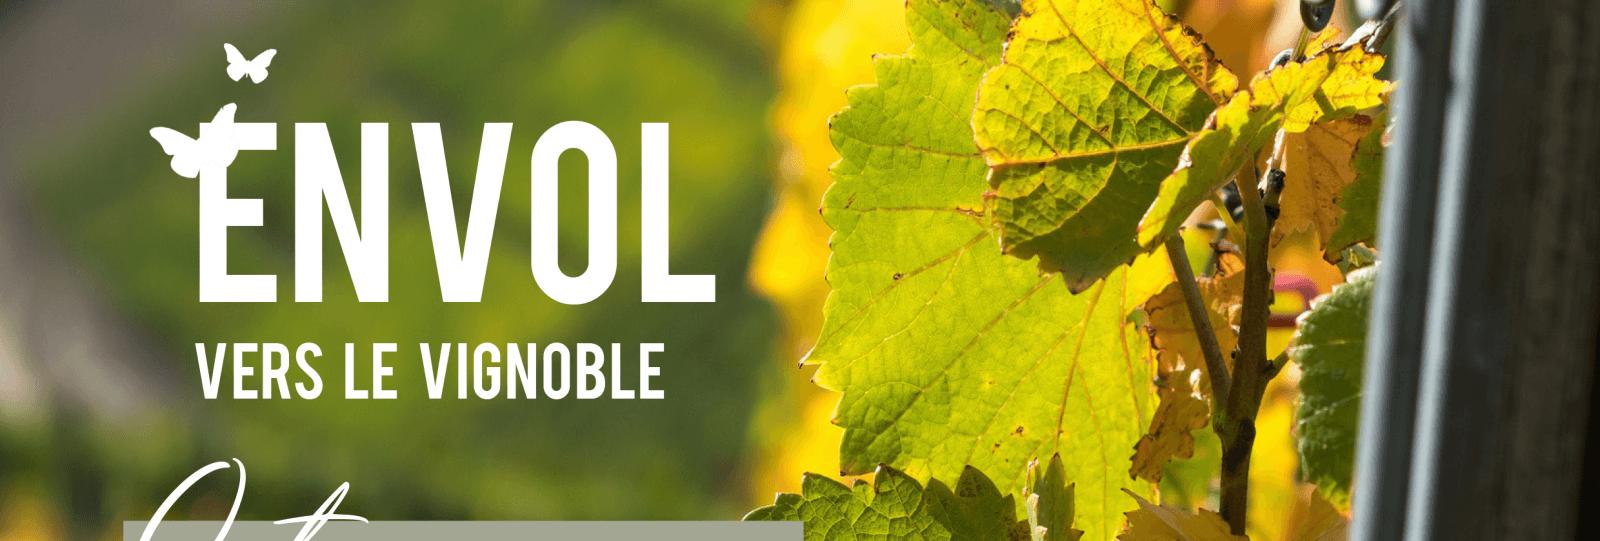 Journée groupes - Envol vers le vignoble